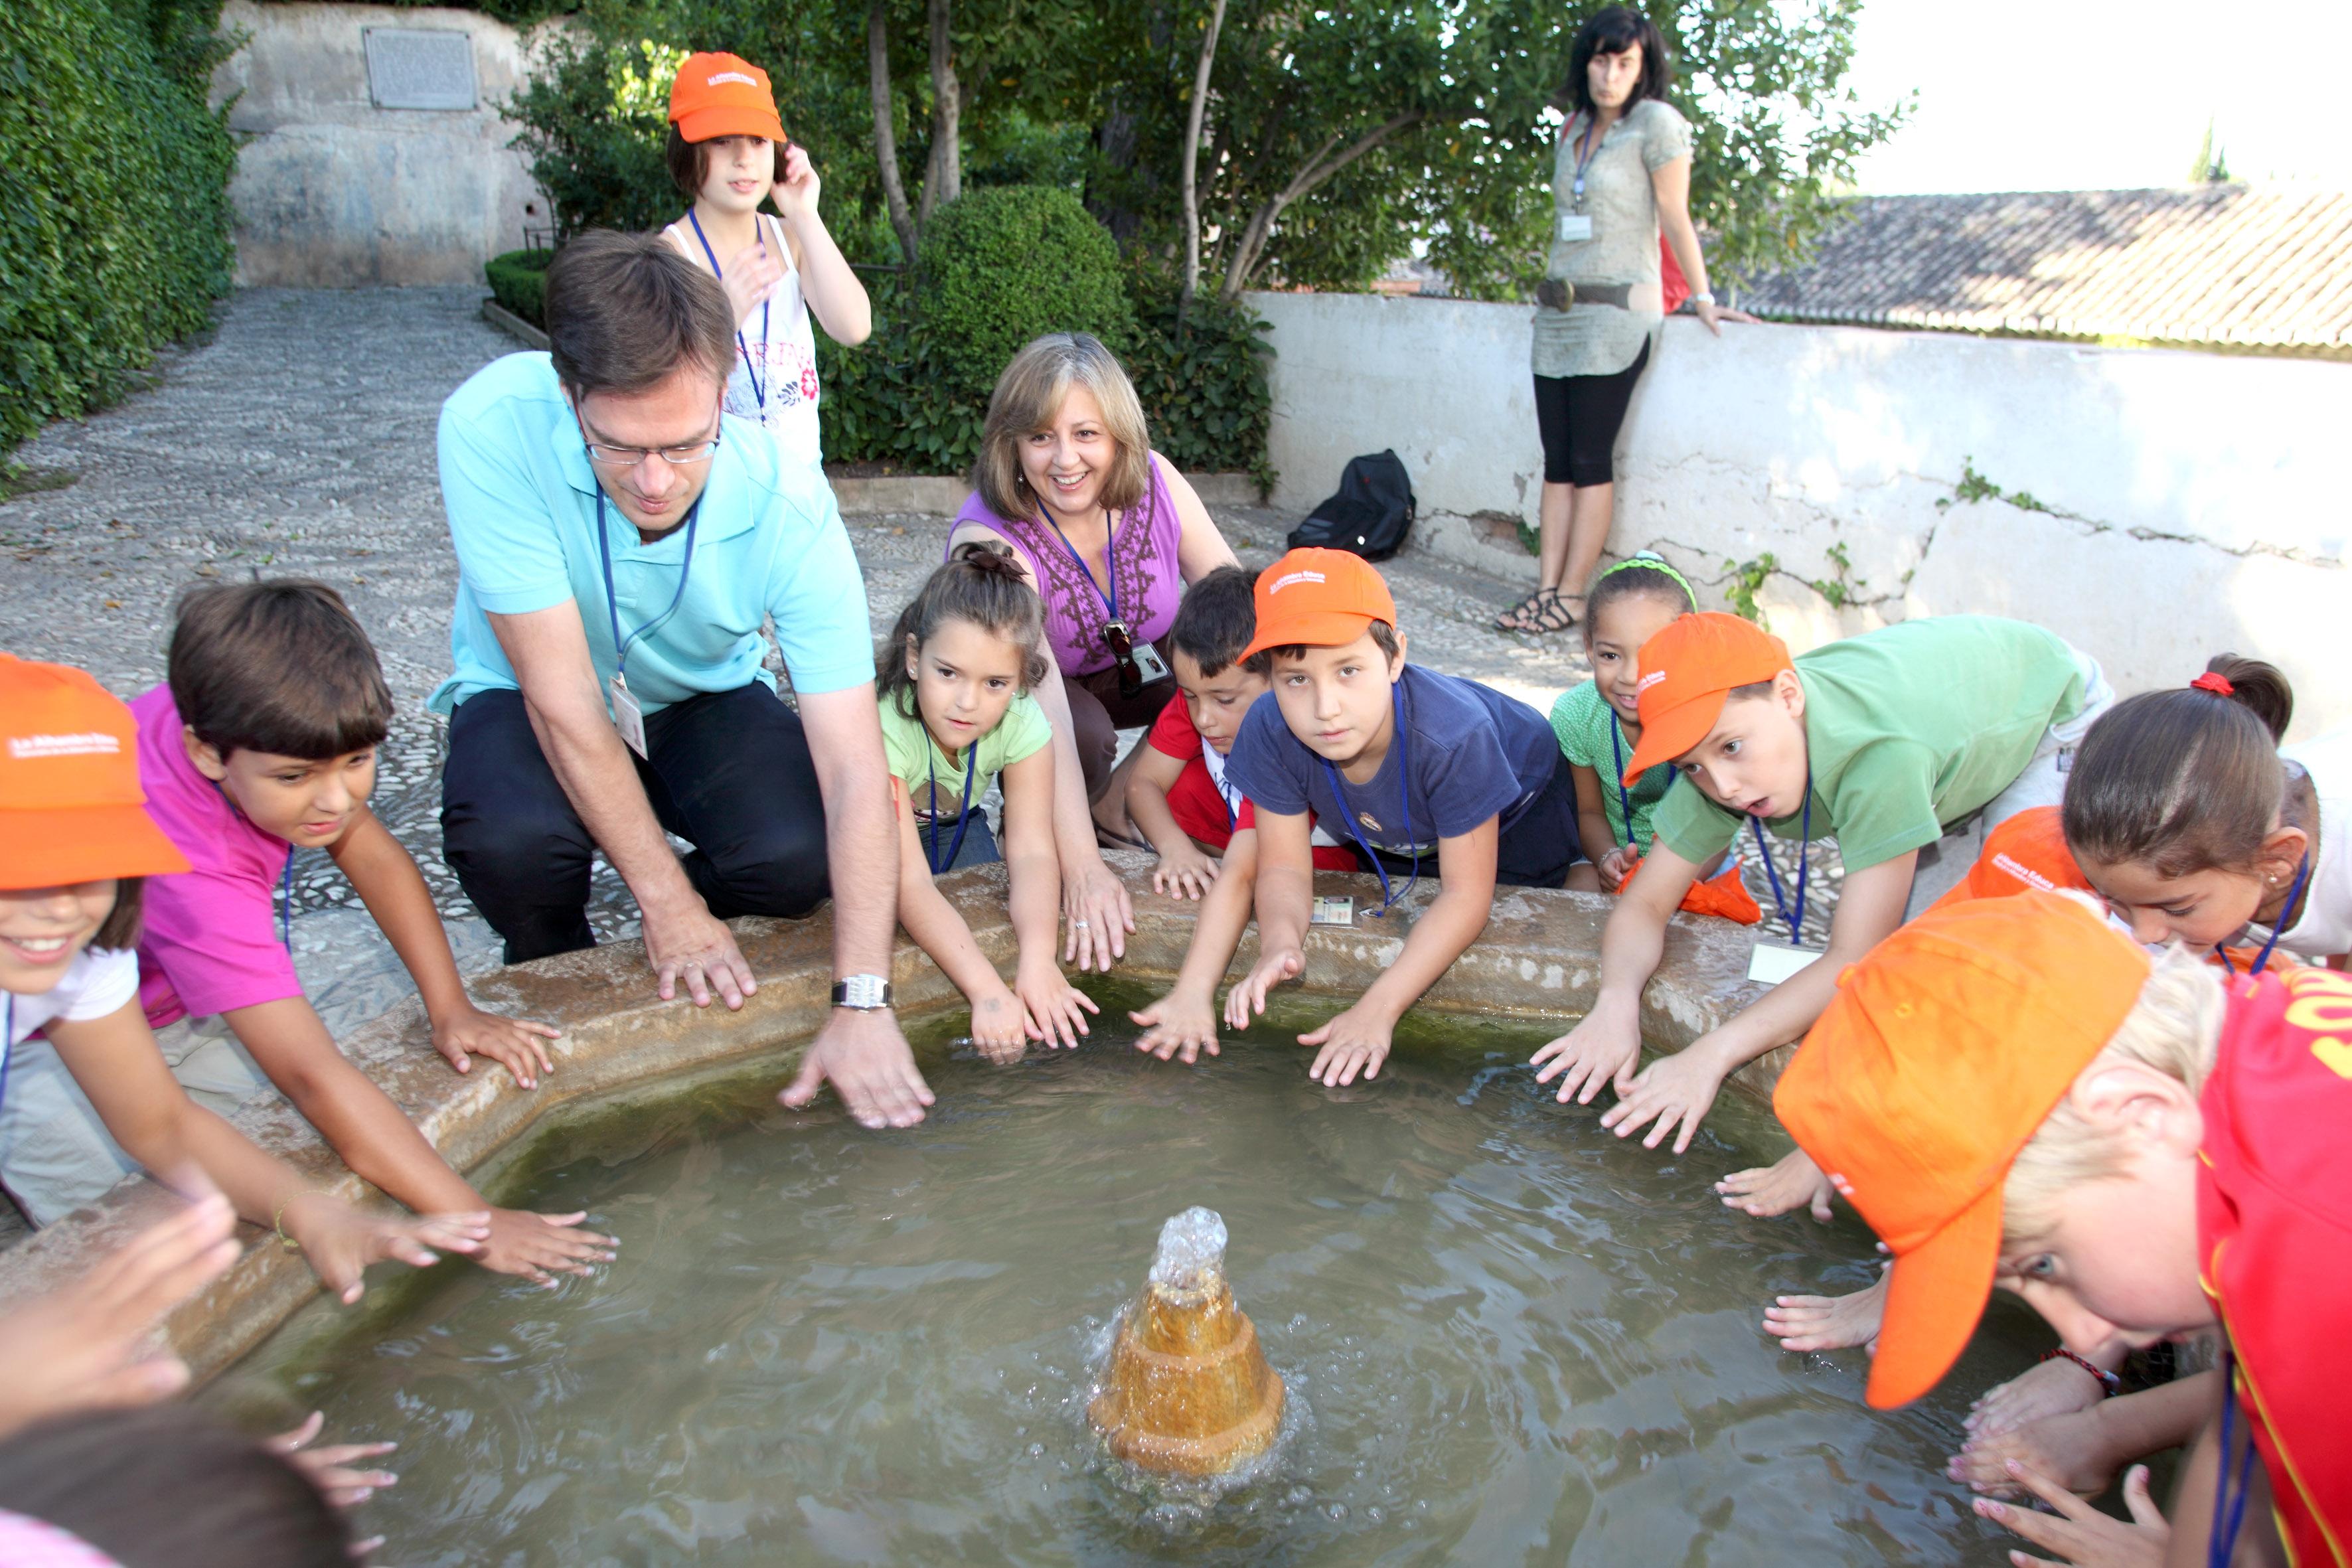 Los niños disfrutan del verano en la Alhambra con visitas guiadas y talleres didácticos